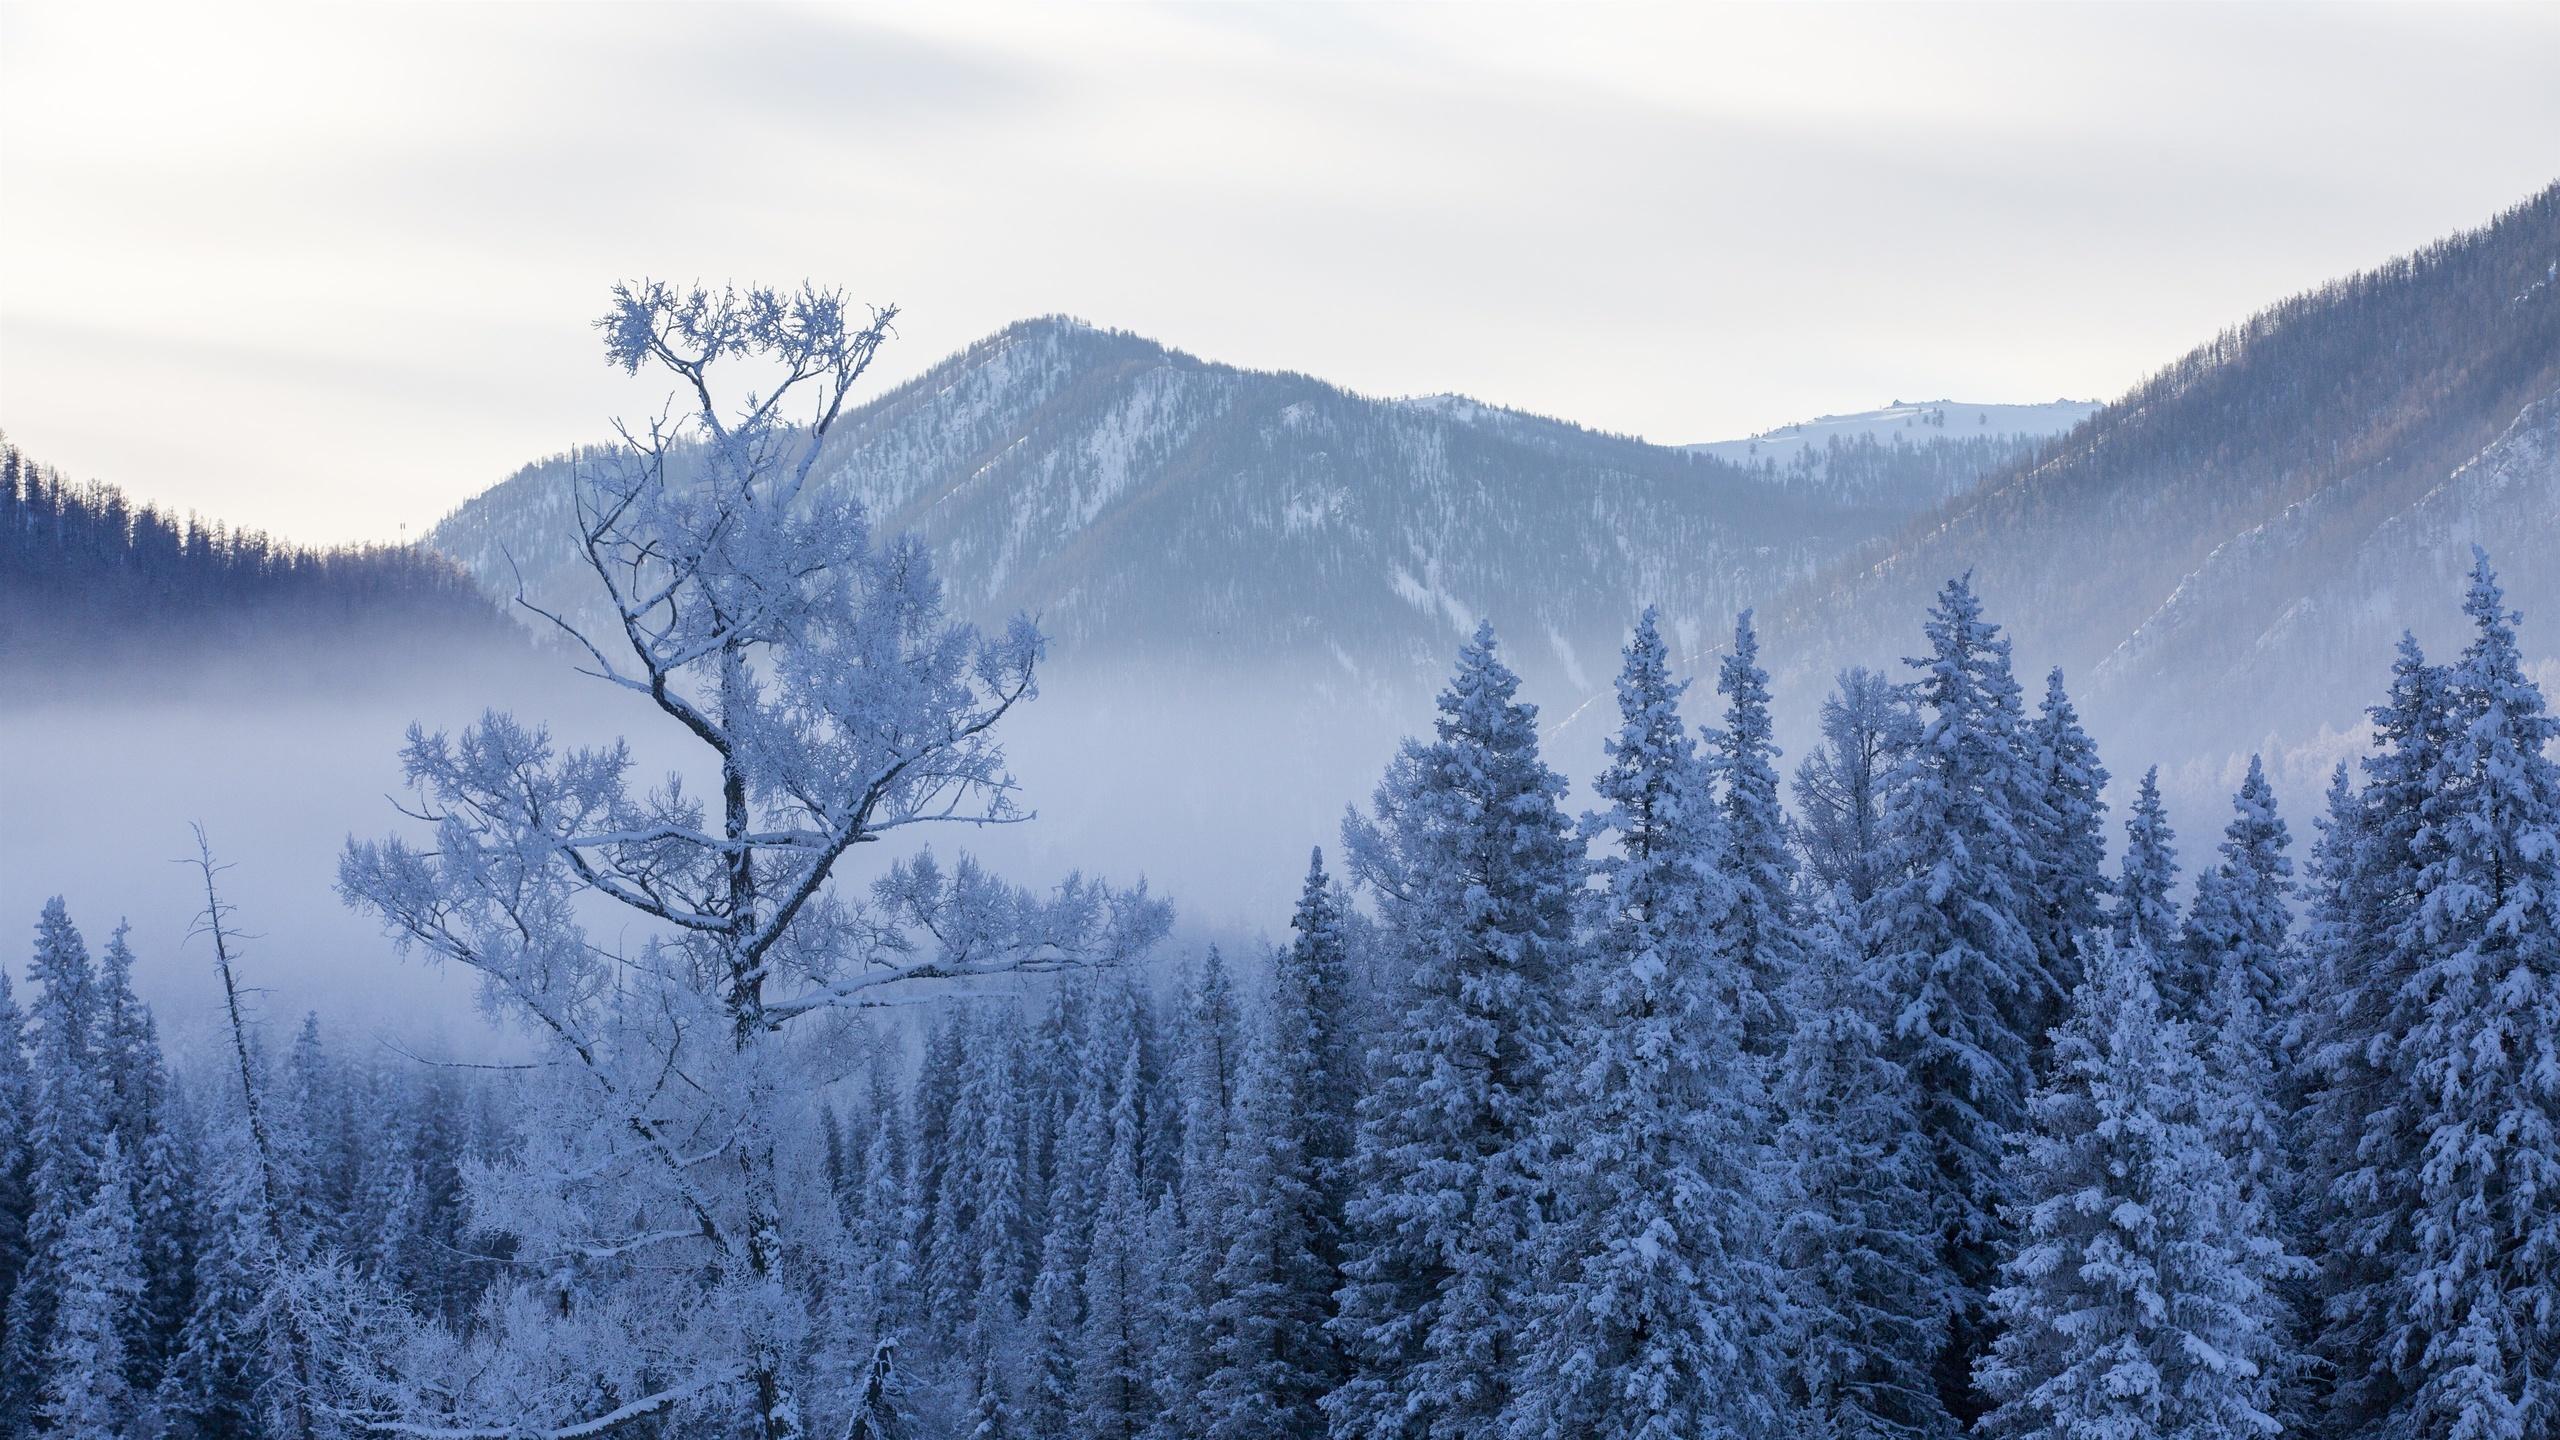 канас, зимой, деревья, снег, пейзаж, природа, китай